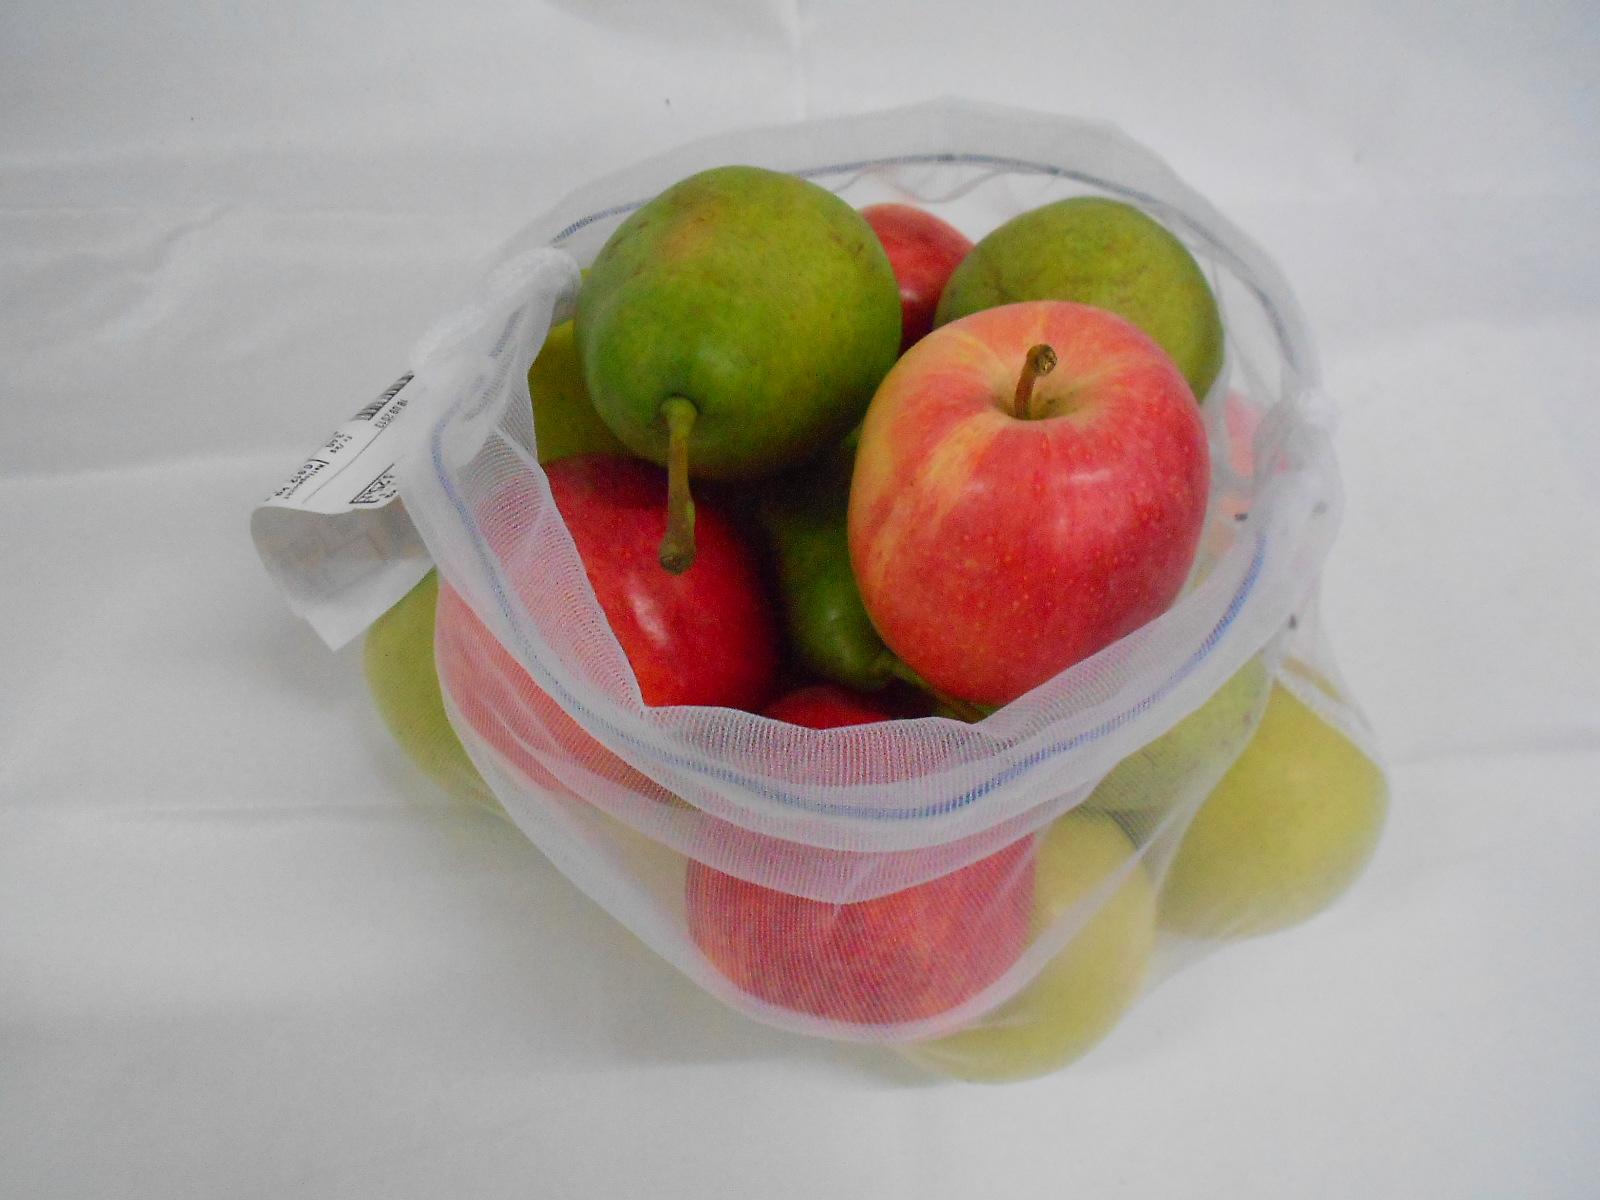 Manchmal gehören Äpfel